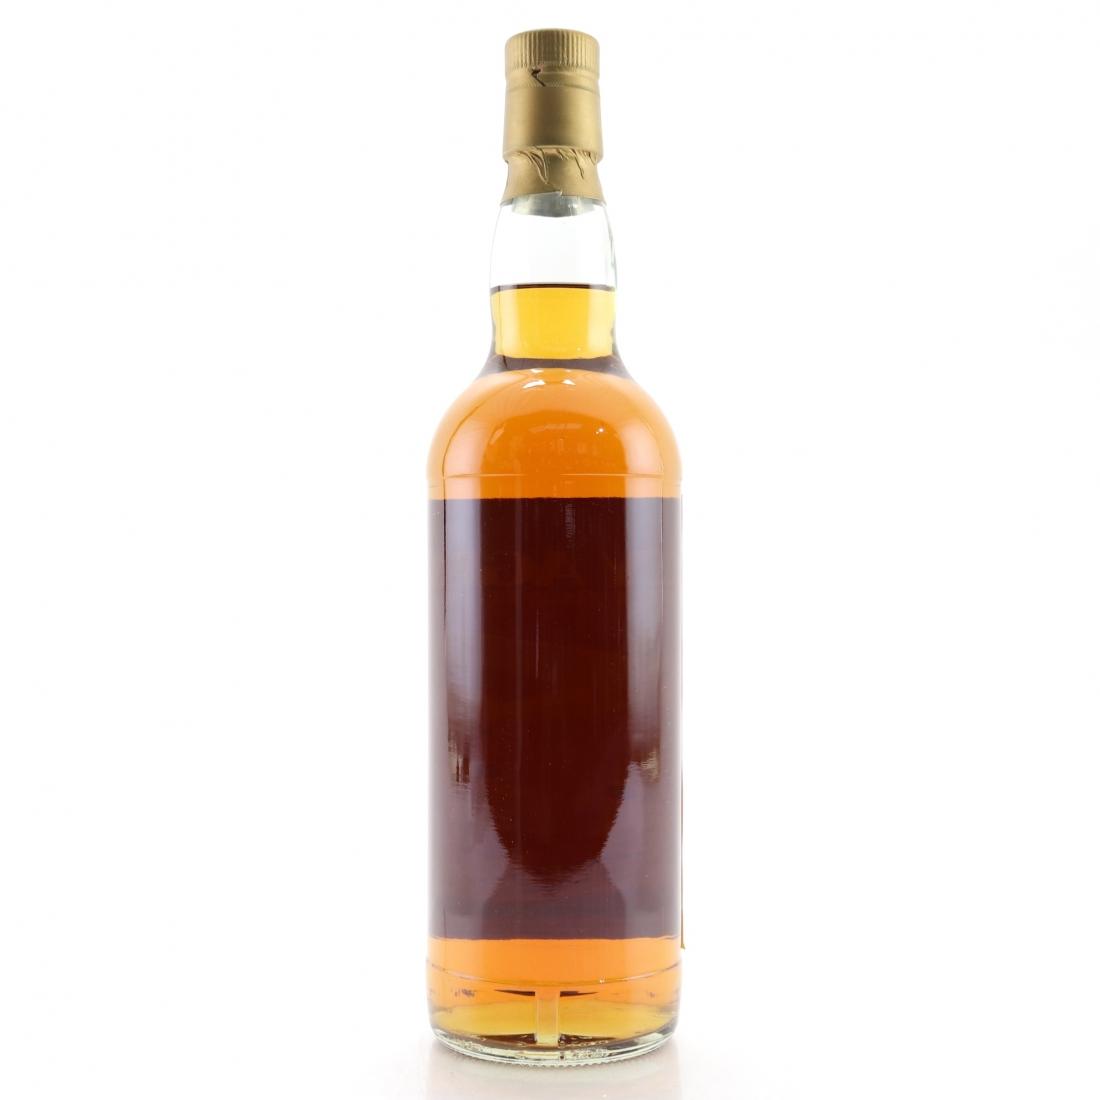 Whisky Agency Extra Old Blended Malt / Volume I